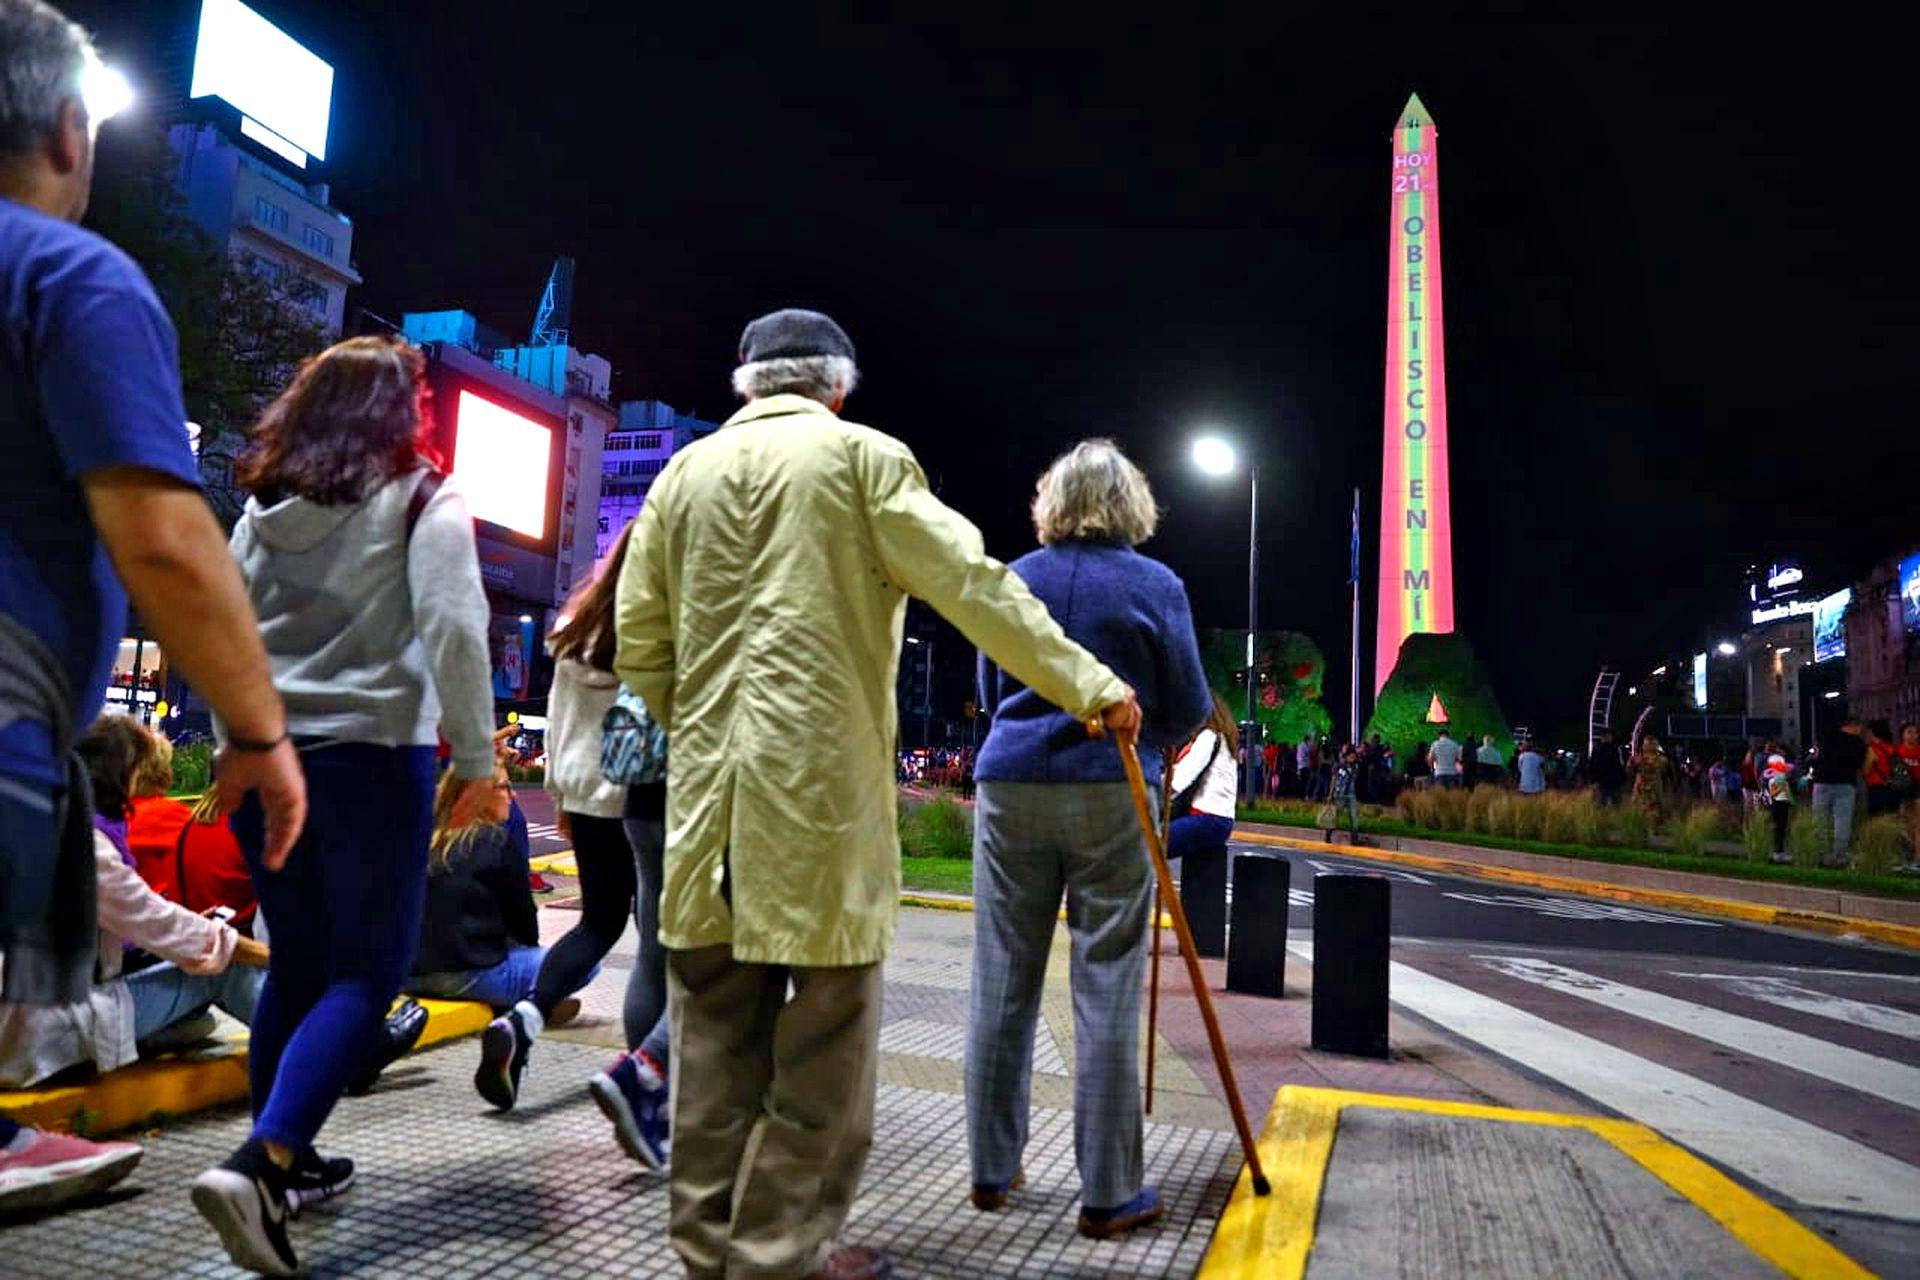 El público durante la espera para la intervención lumínica de Julio Le Parc sobre el Obelisco